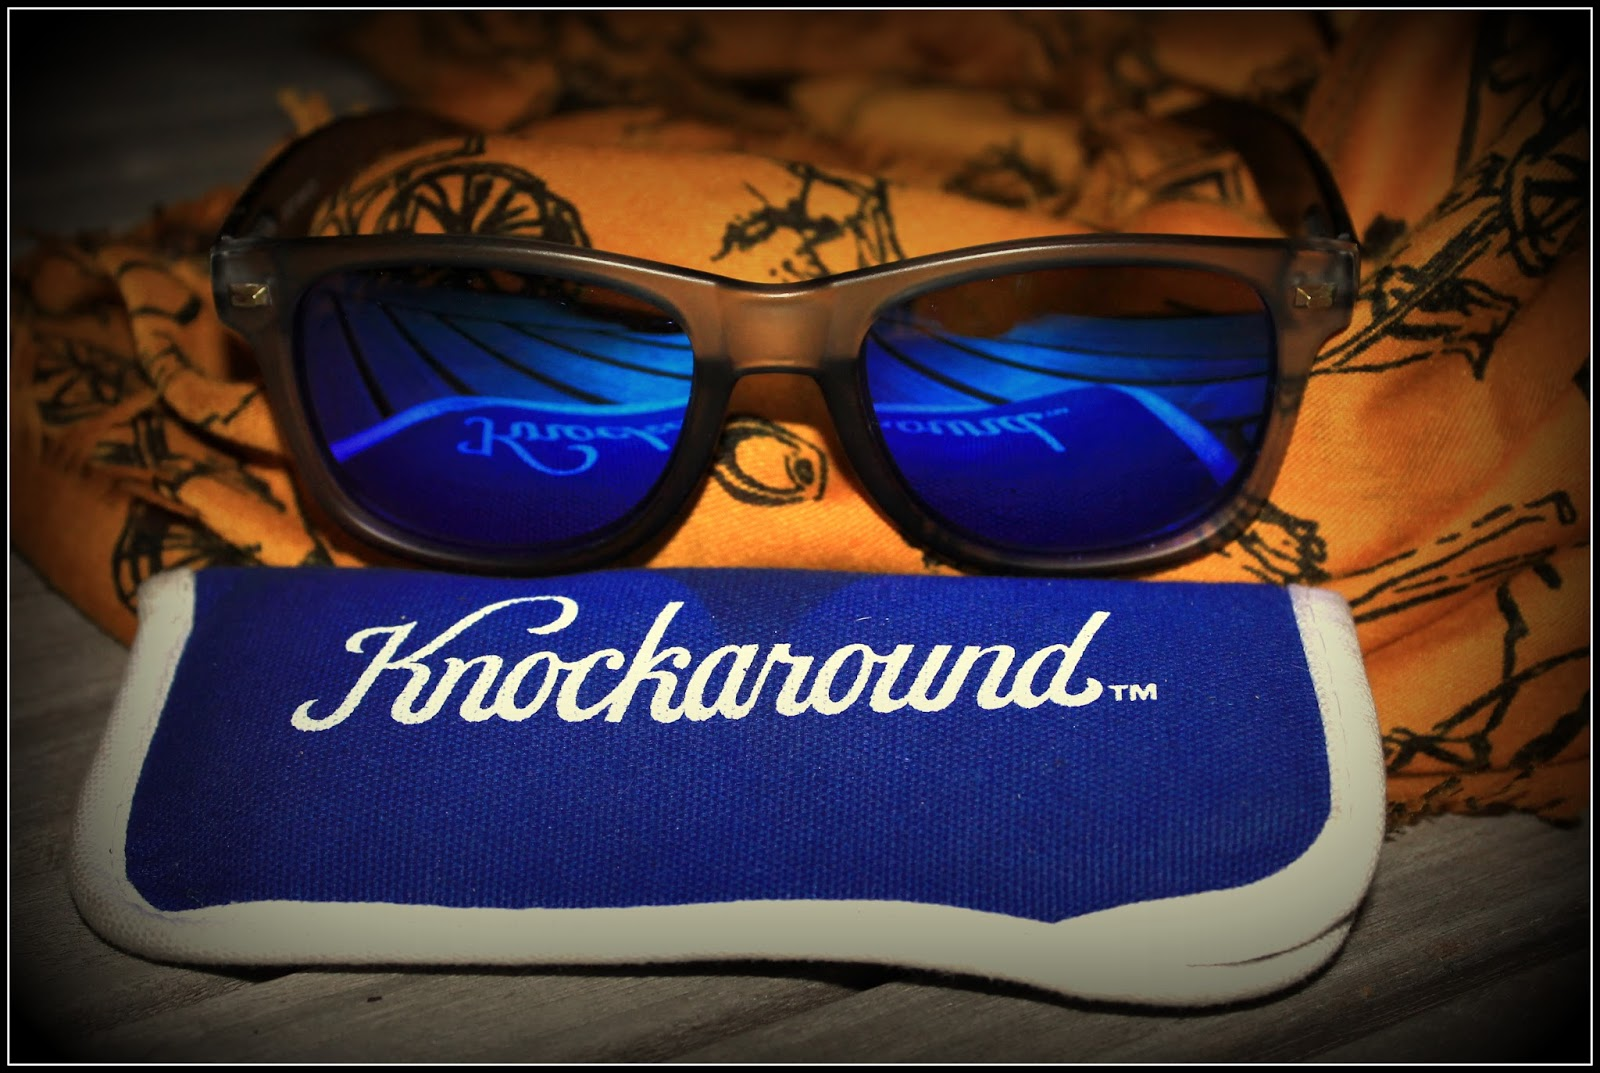 [VENDO]  *^+ Gafas Knockaround Premium // Originales y espejadas! +^*